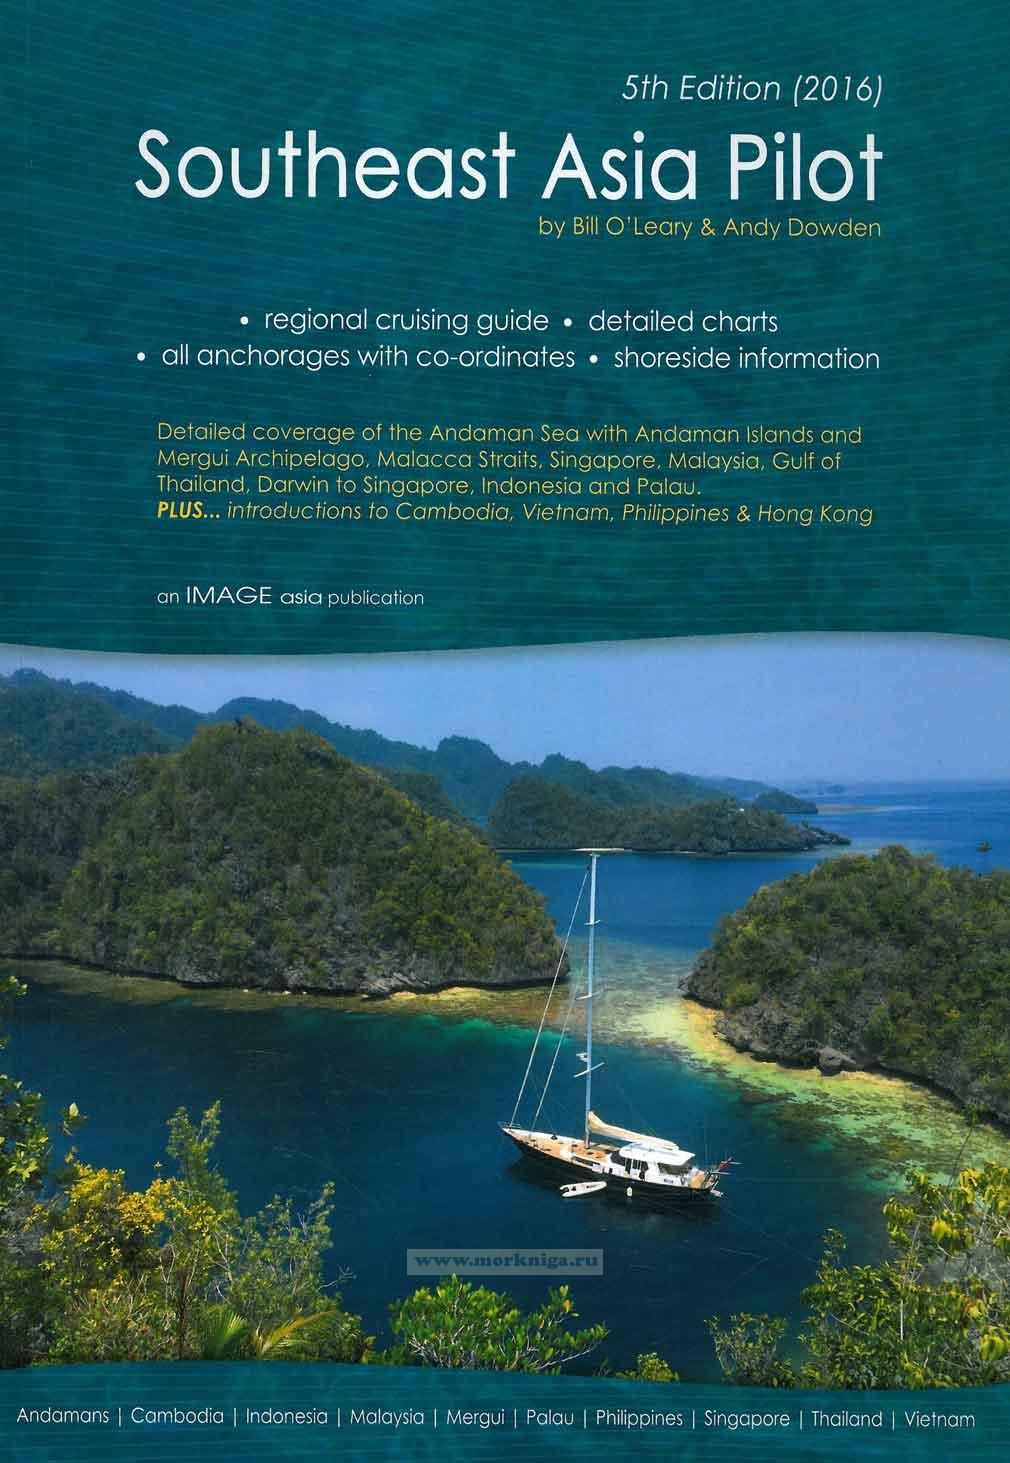 Southeast Asia Pilot. 6th Edition. Лоция Юго-Восточной Азии для яхтсменов